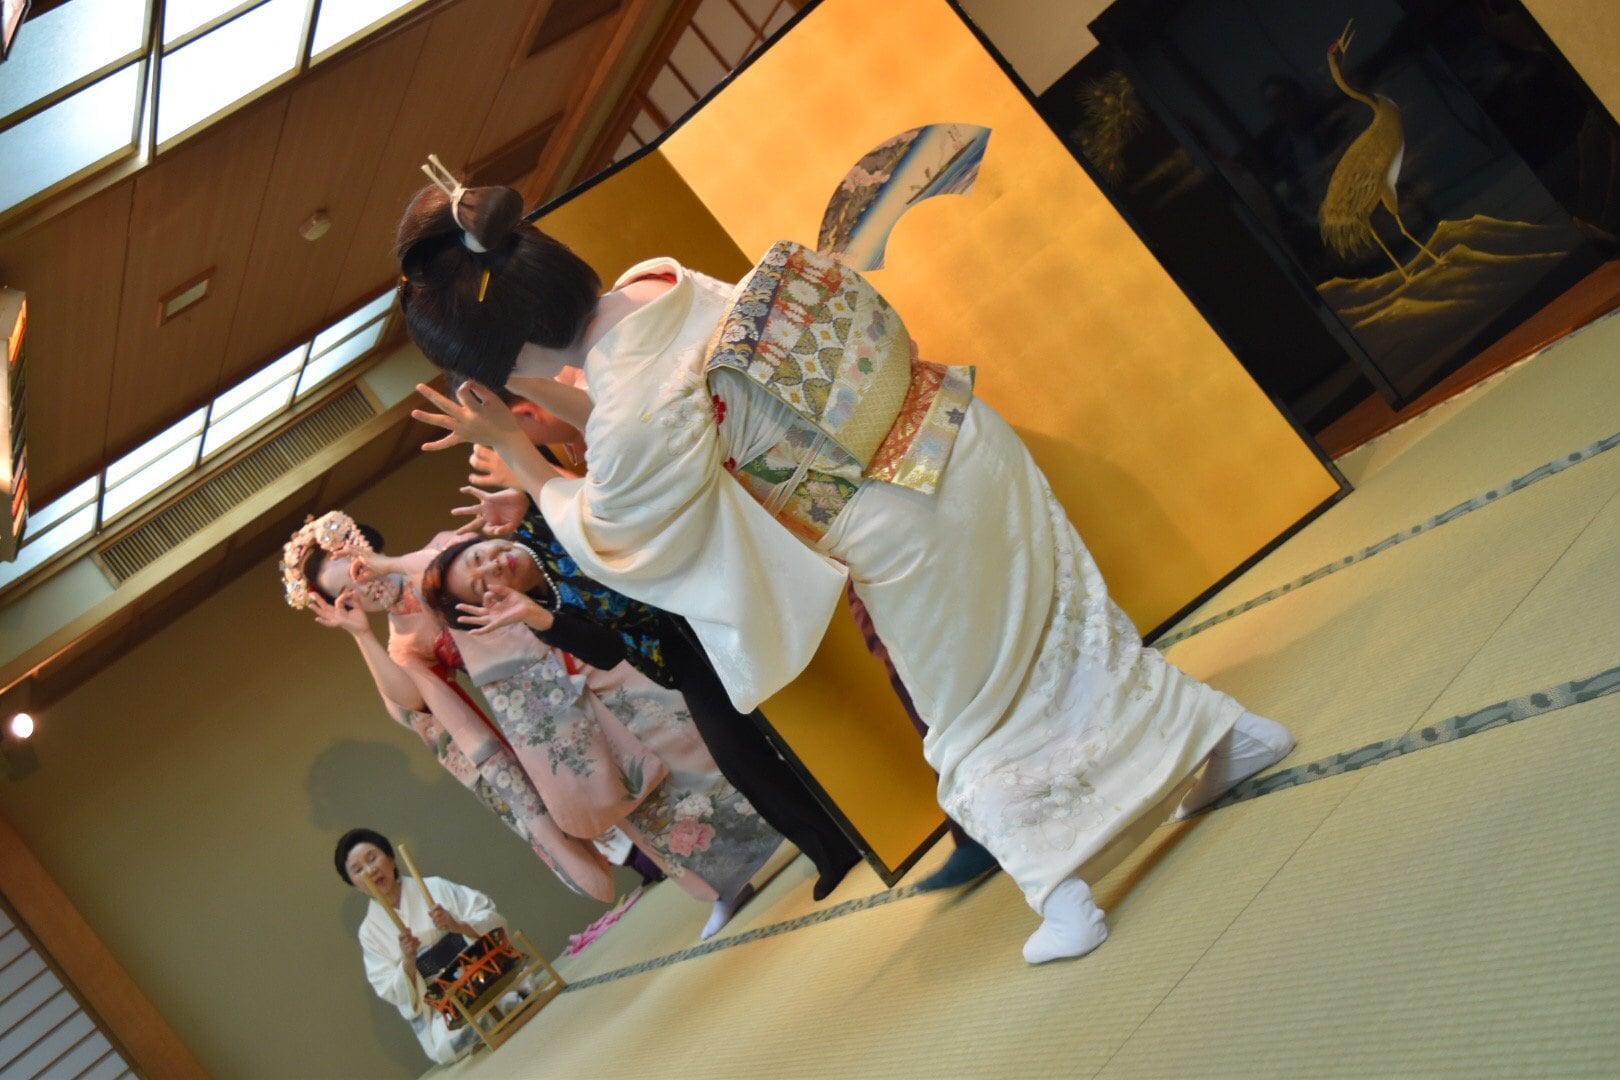 2019/1/13(祝)お座敷で学ぶ日本の心vol.10〜獅子舞と花柳界のお正月〜(お座敷のみ)のイメージその5